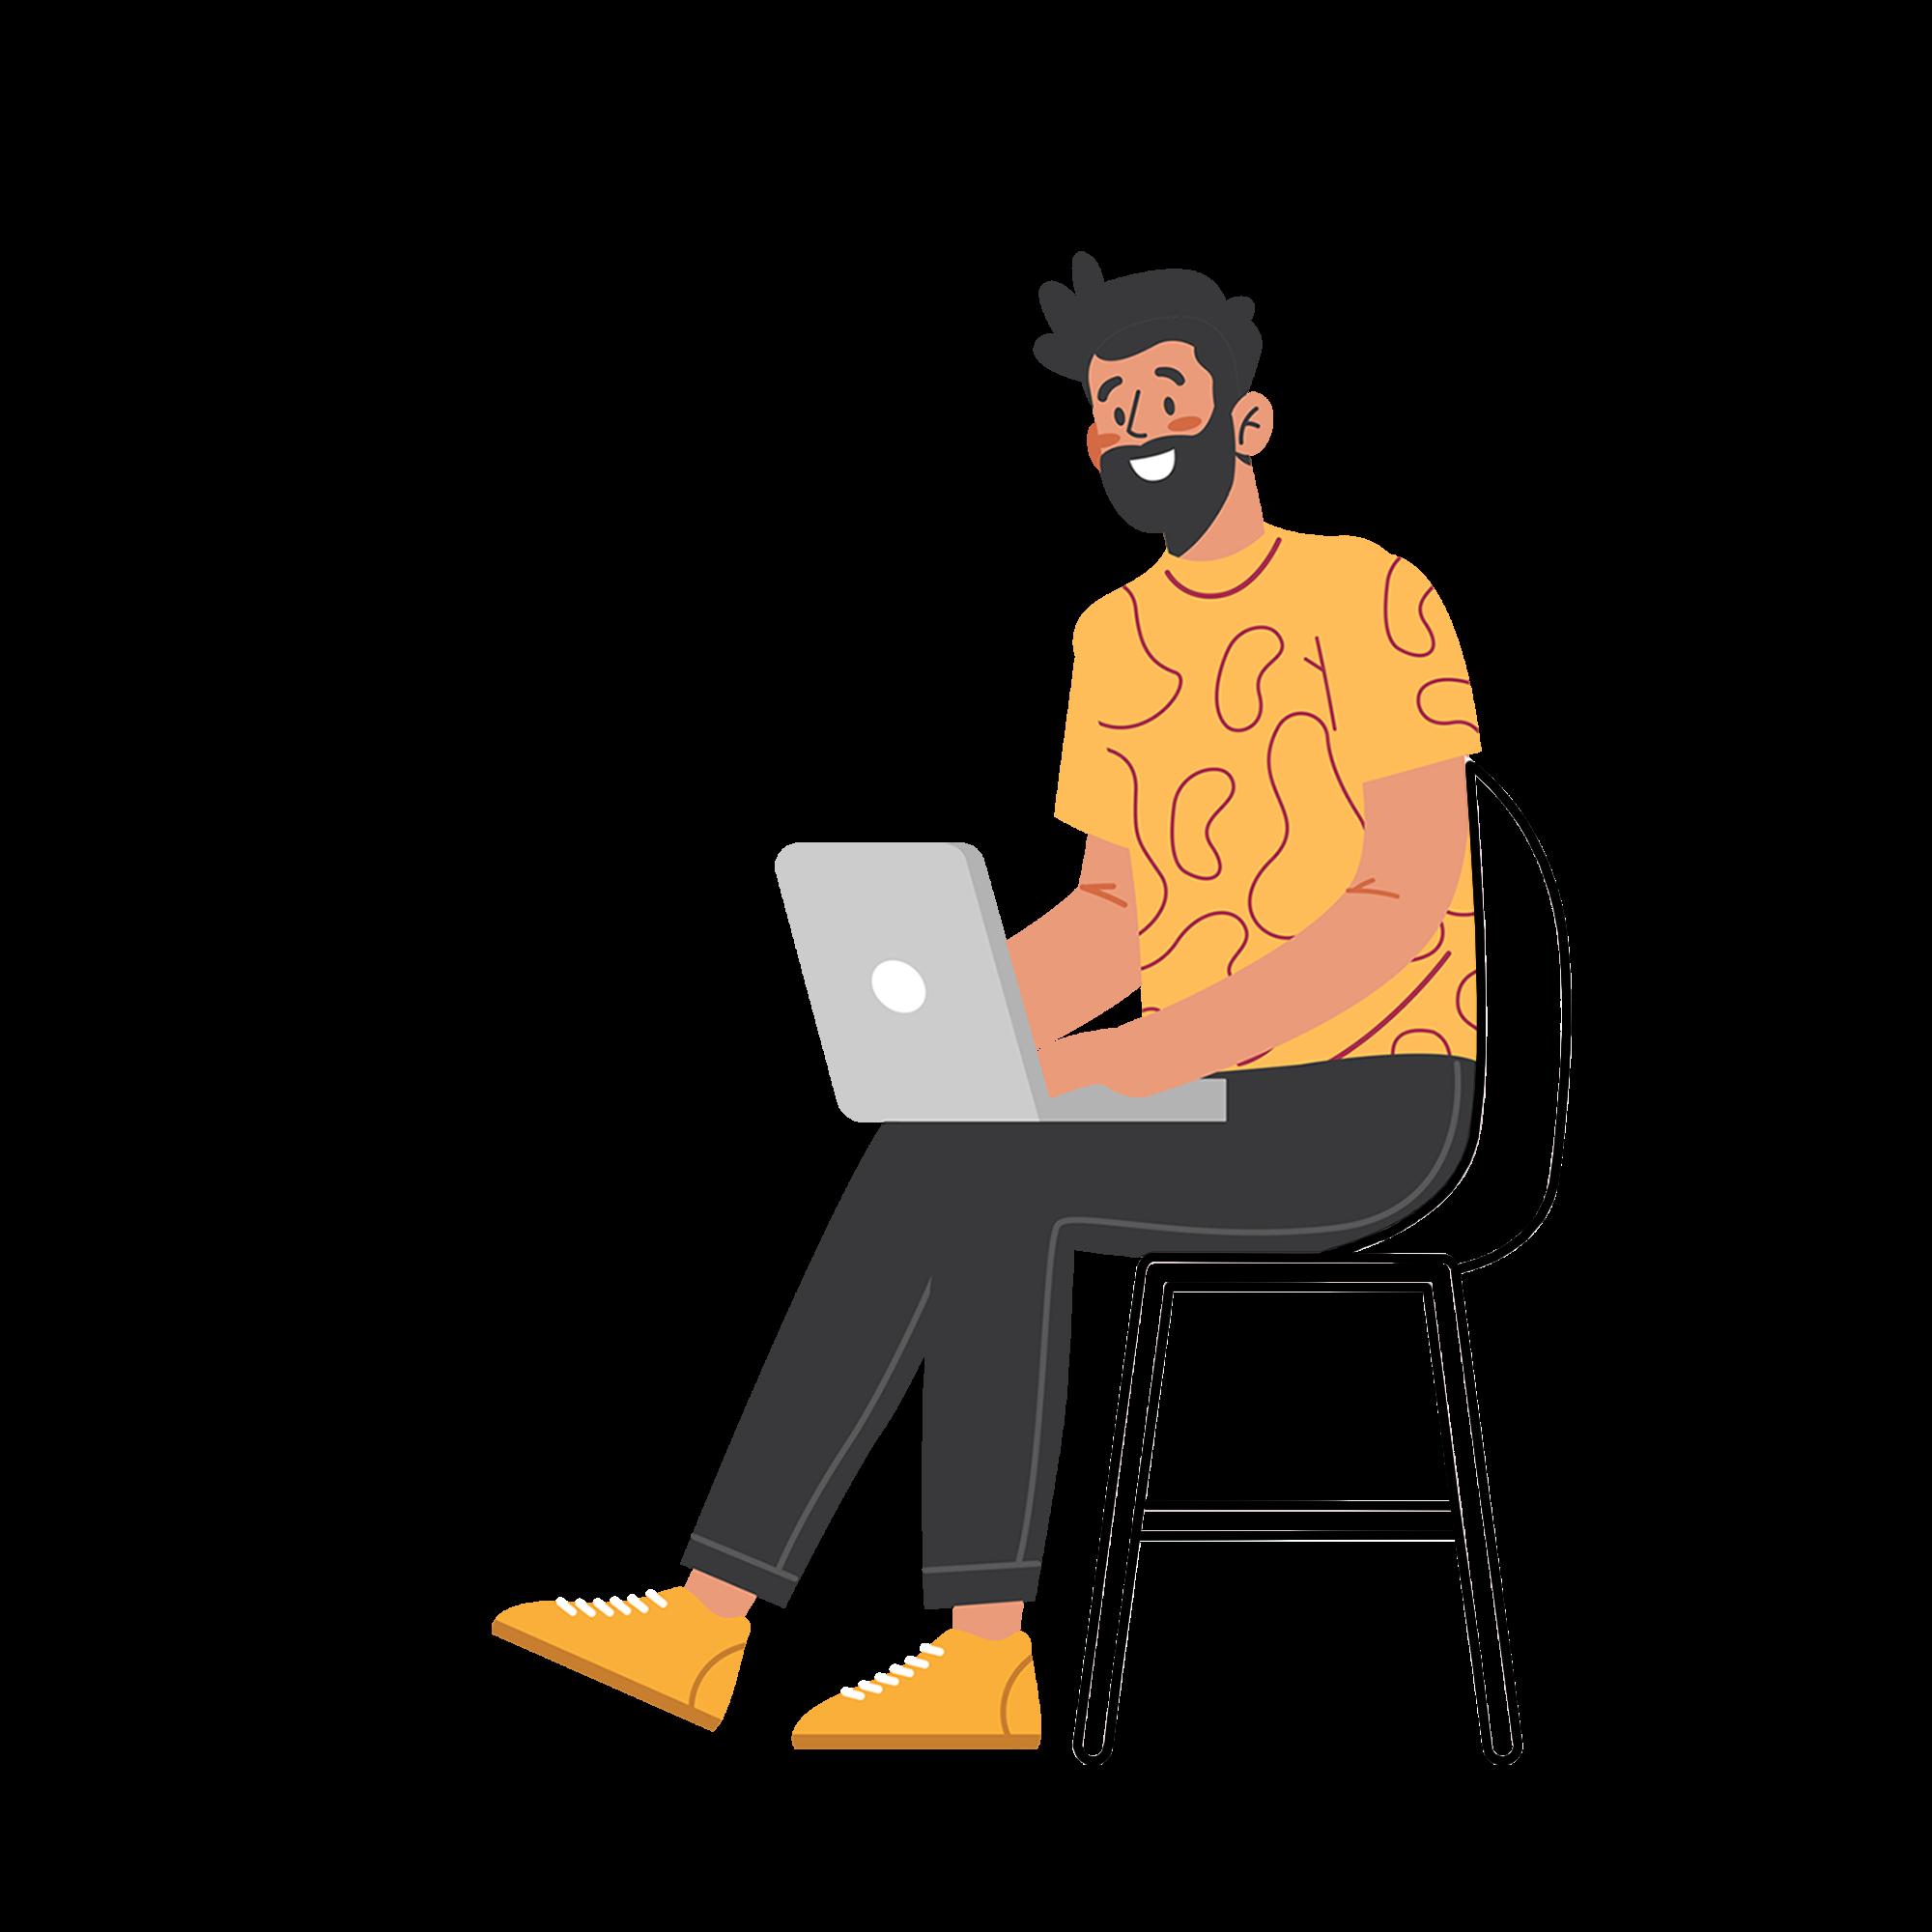 Illustration de la section Contact - Un homme assis sur une chaise qui discute via son ordinateur portable